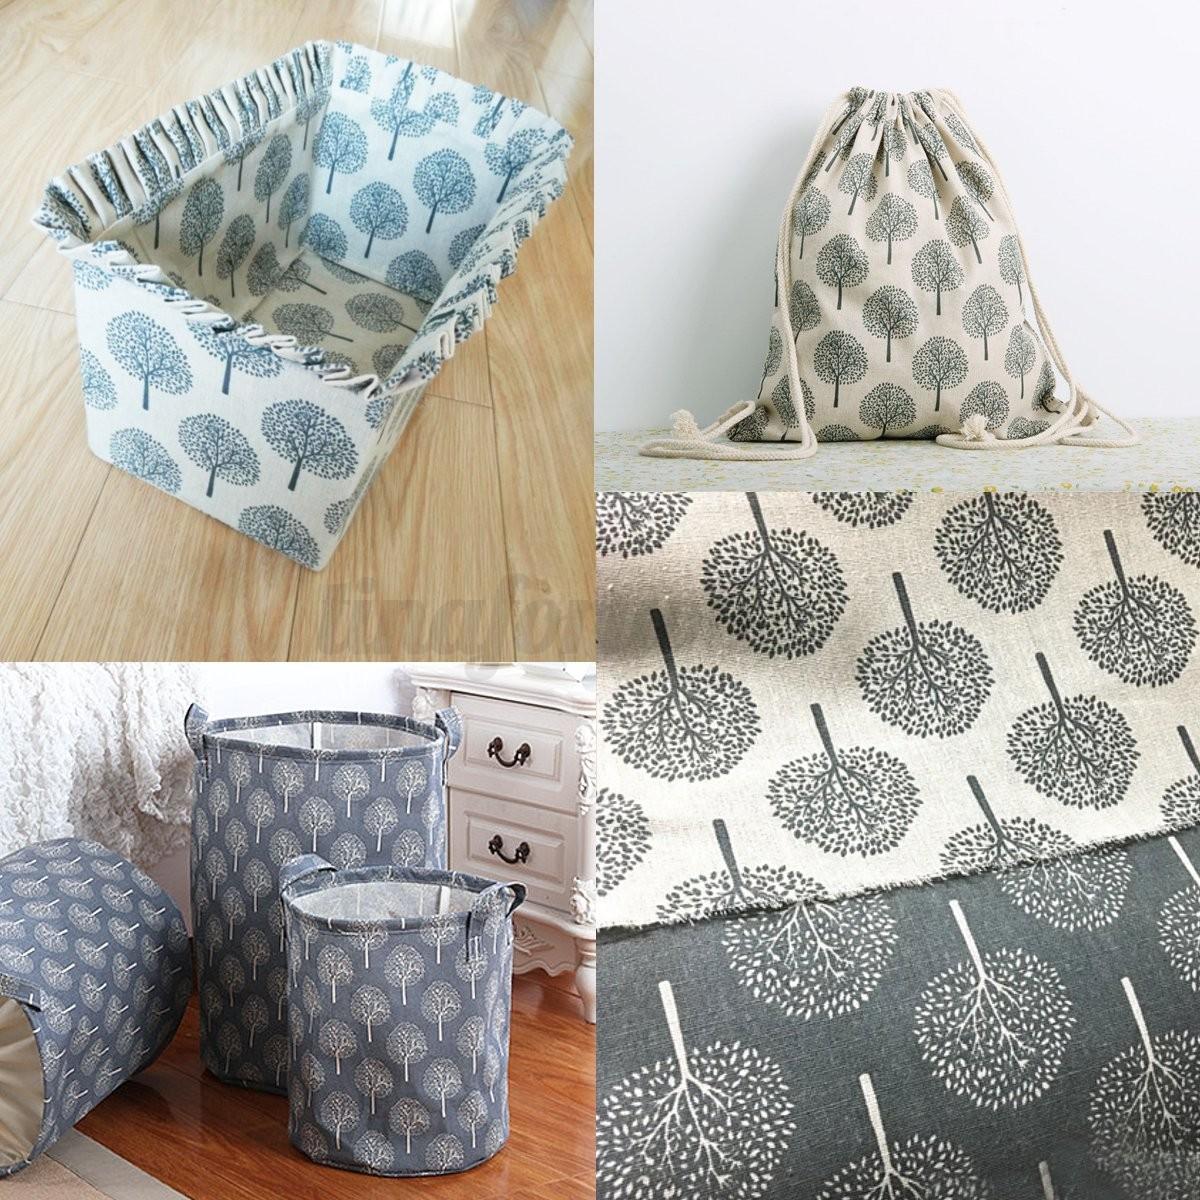 150 x 100cm Baum Print Baumwolle Leinen Stoff für Polster Vorhang Tischdecke